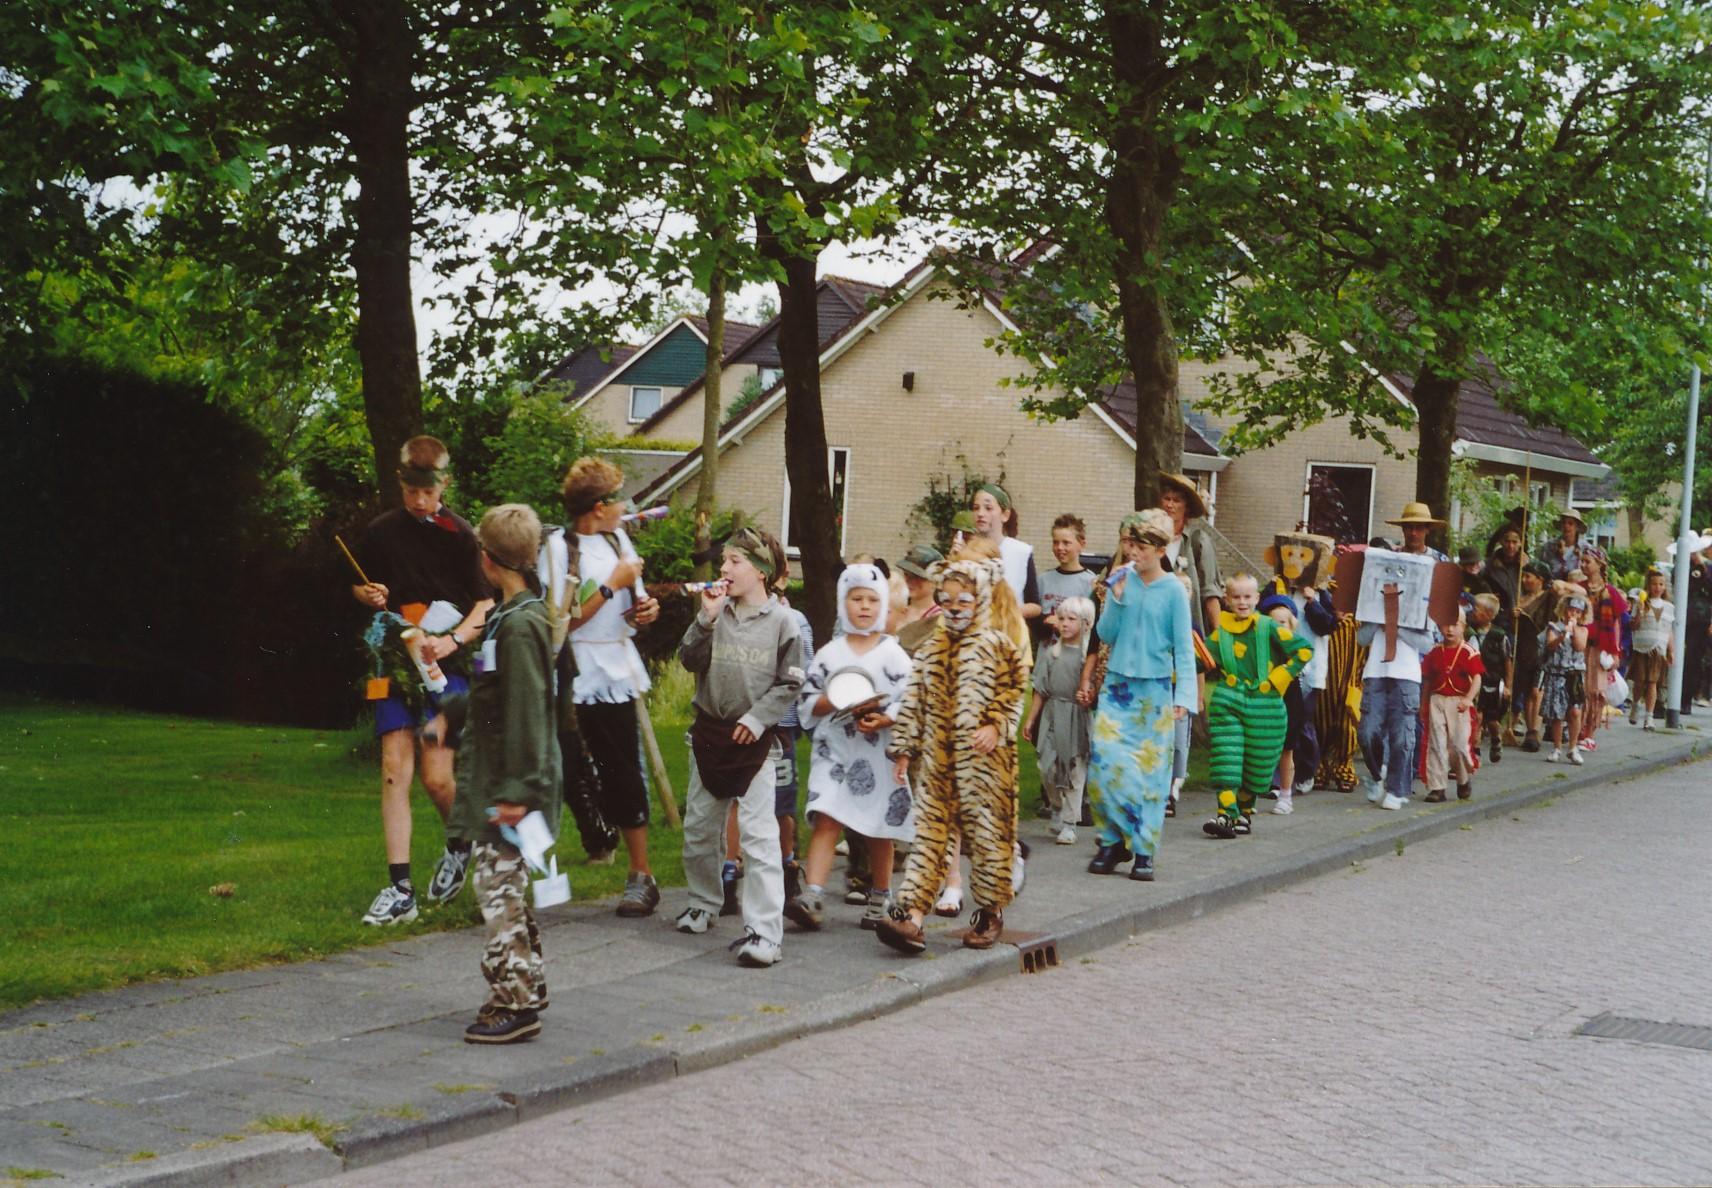 Fotoalbum Anneke Miedema, 097, Lêste skoalledei, juny, 2003